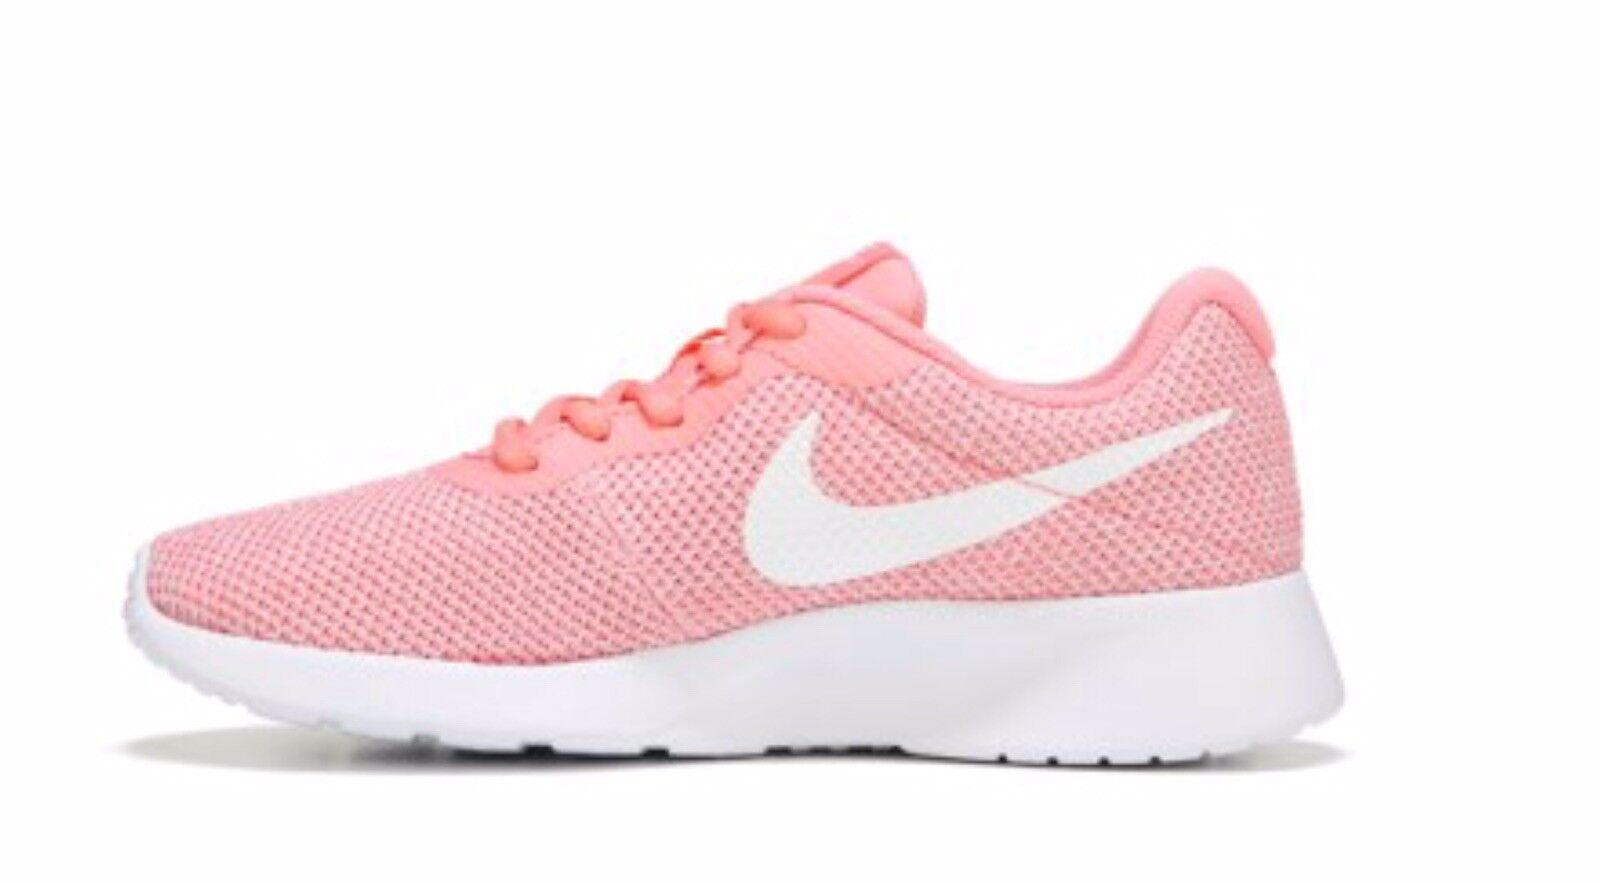 Nike Tanjun Tanjun Tanjun Sneaker Women Pink Size 7M 73e32b